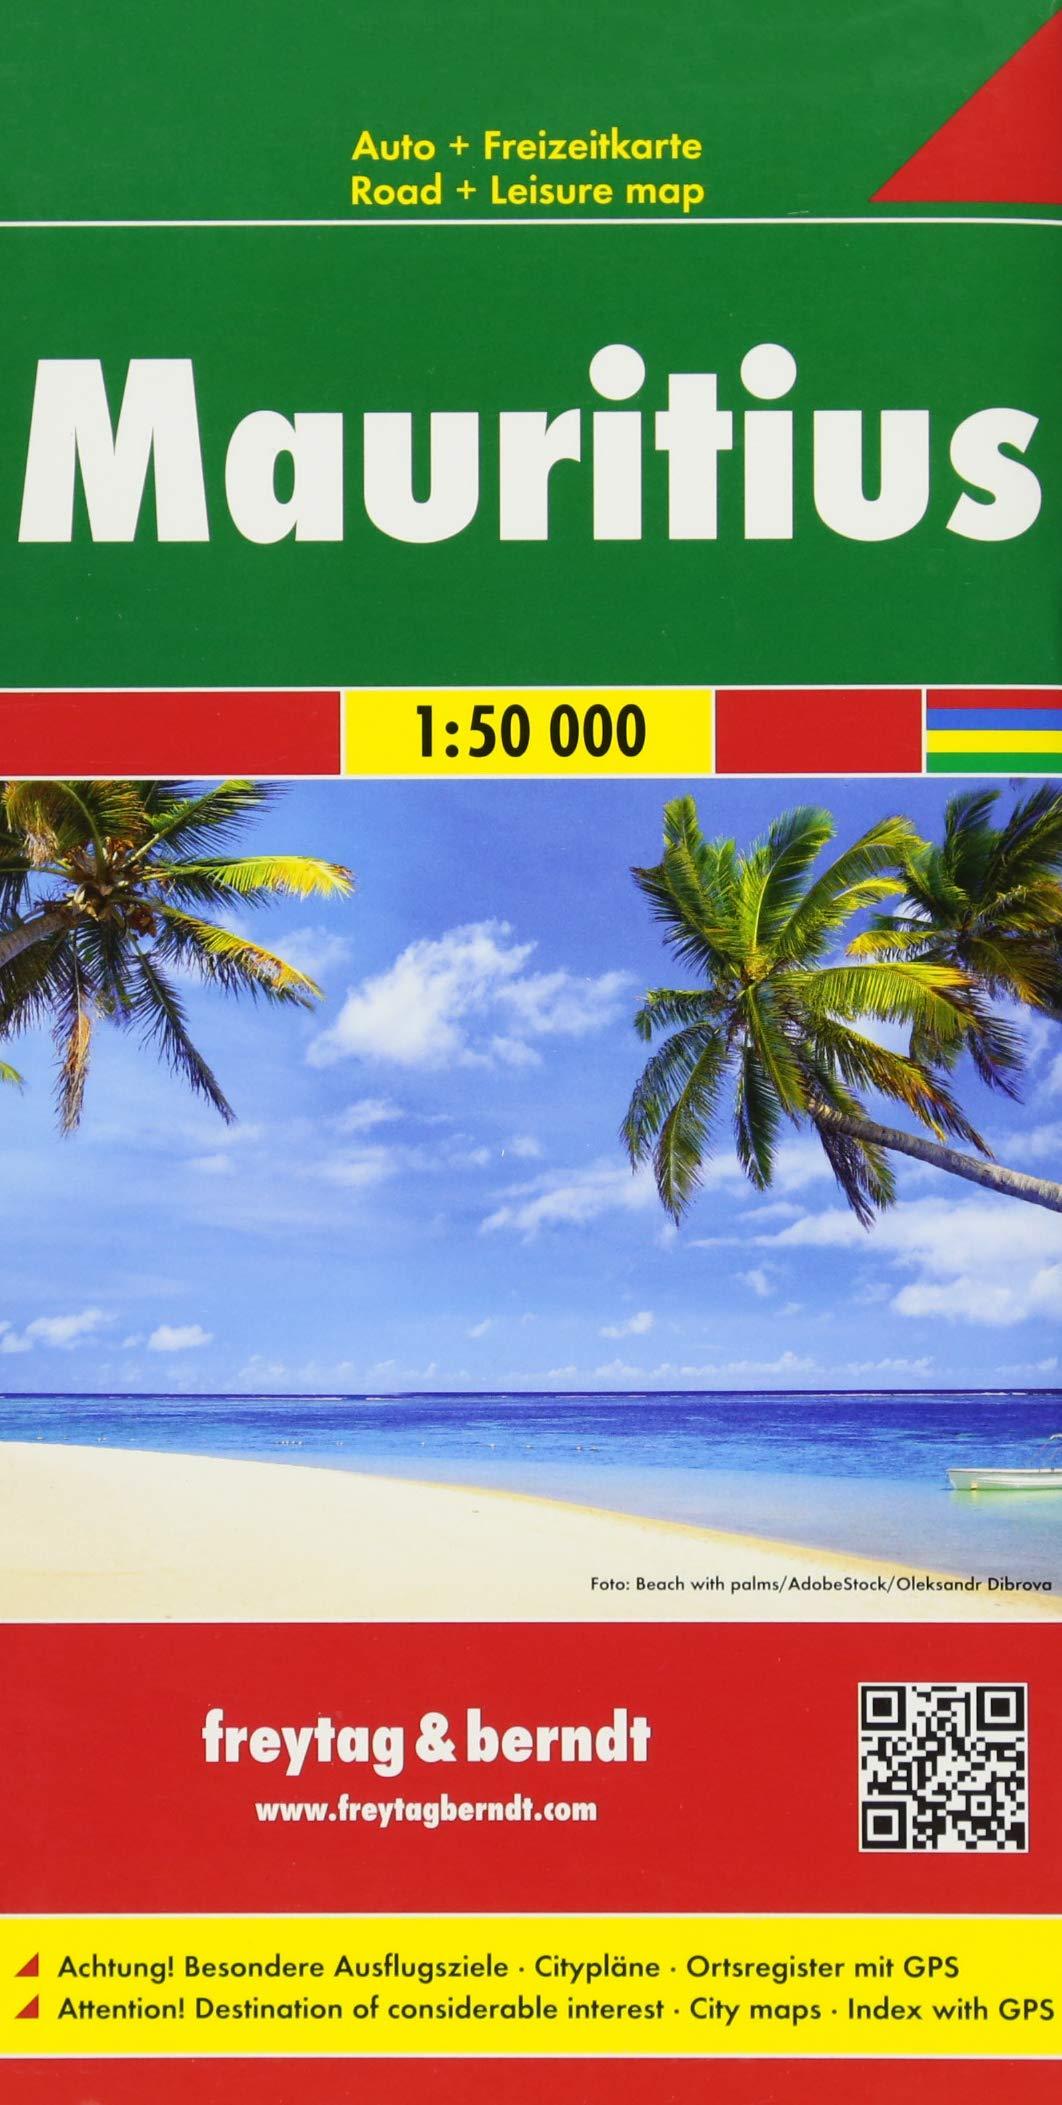 Mauritius, Autokarte 1:50.000 (freytag & berndt Auto + Freizeitkarten)